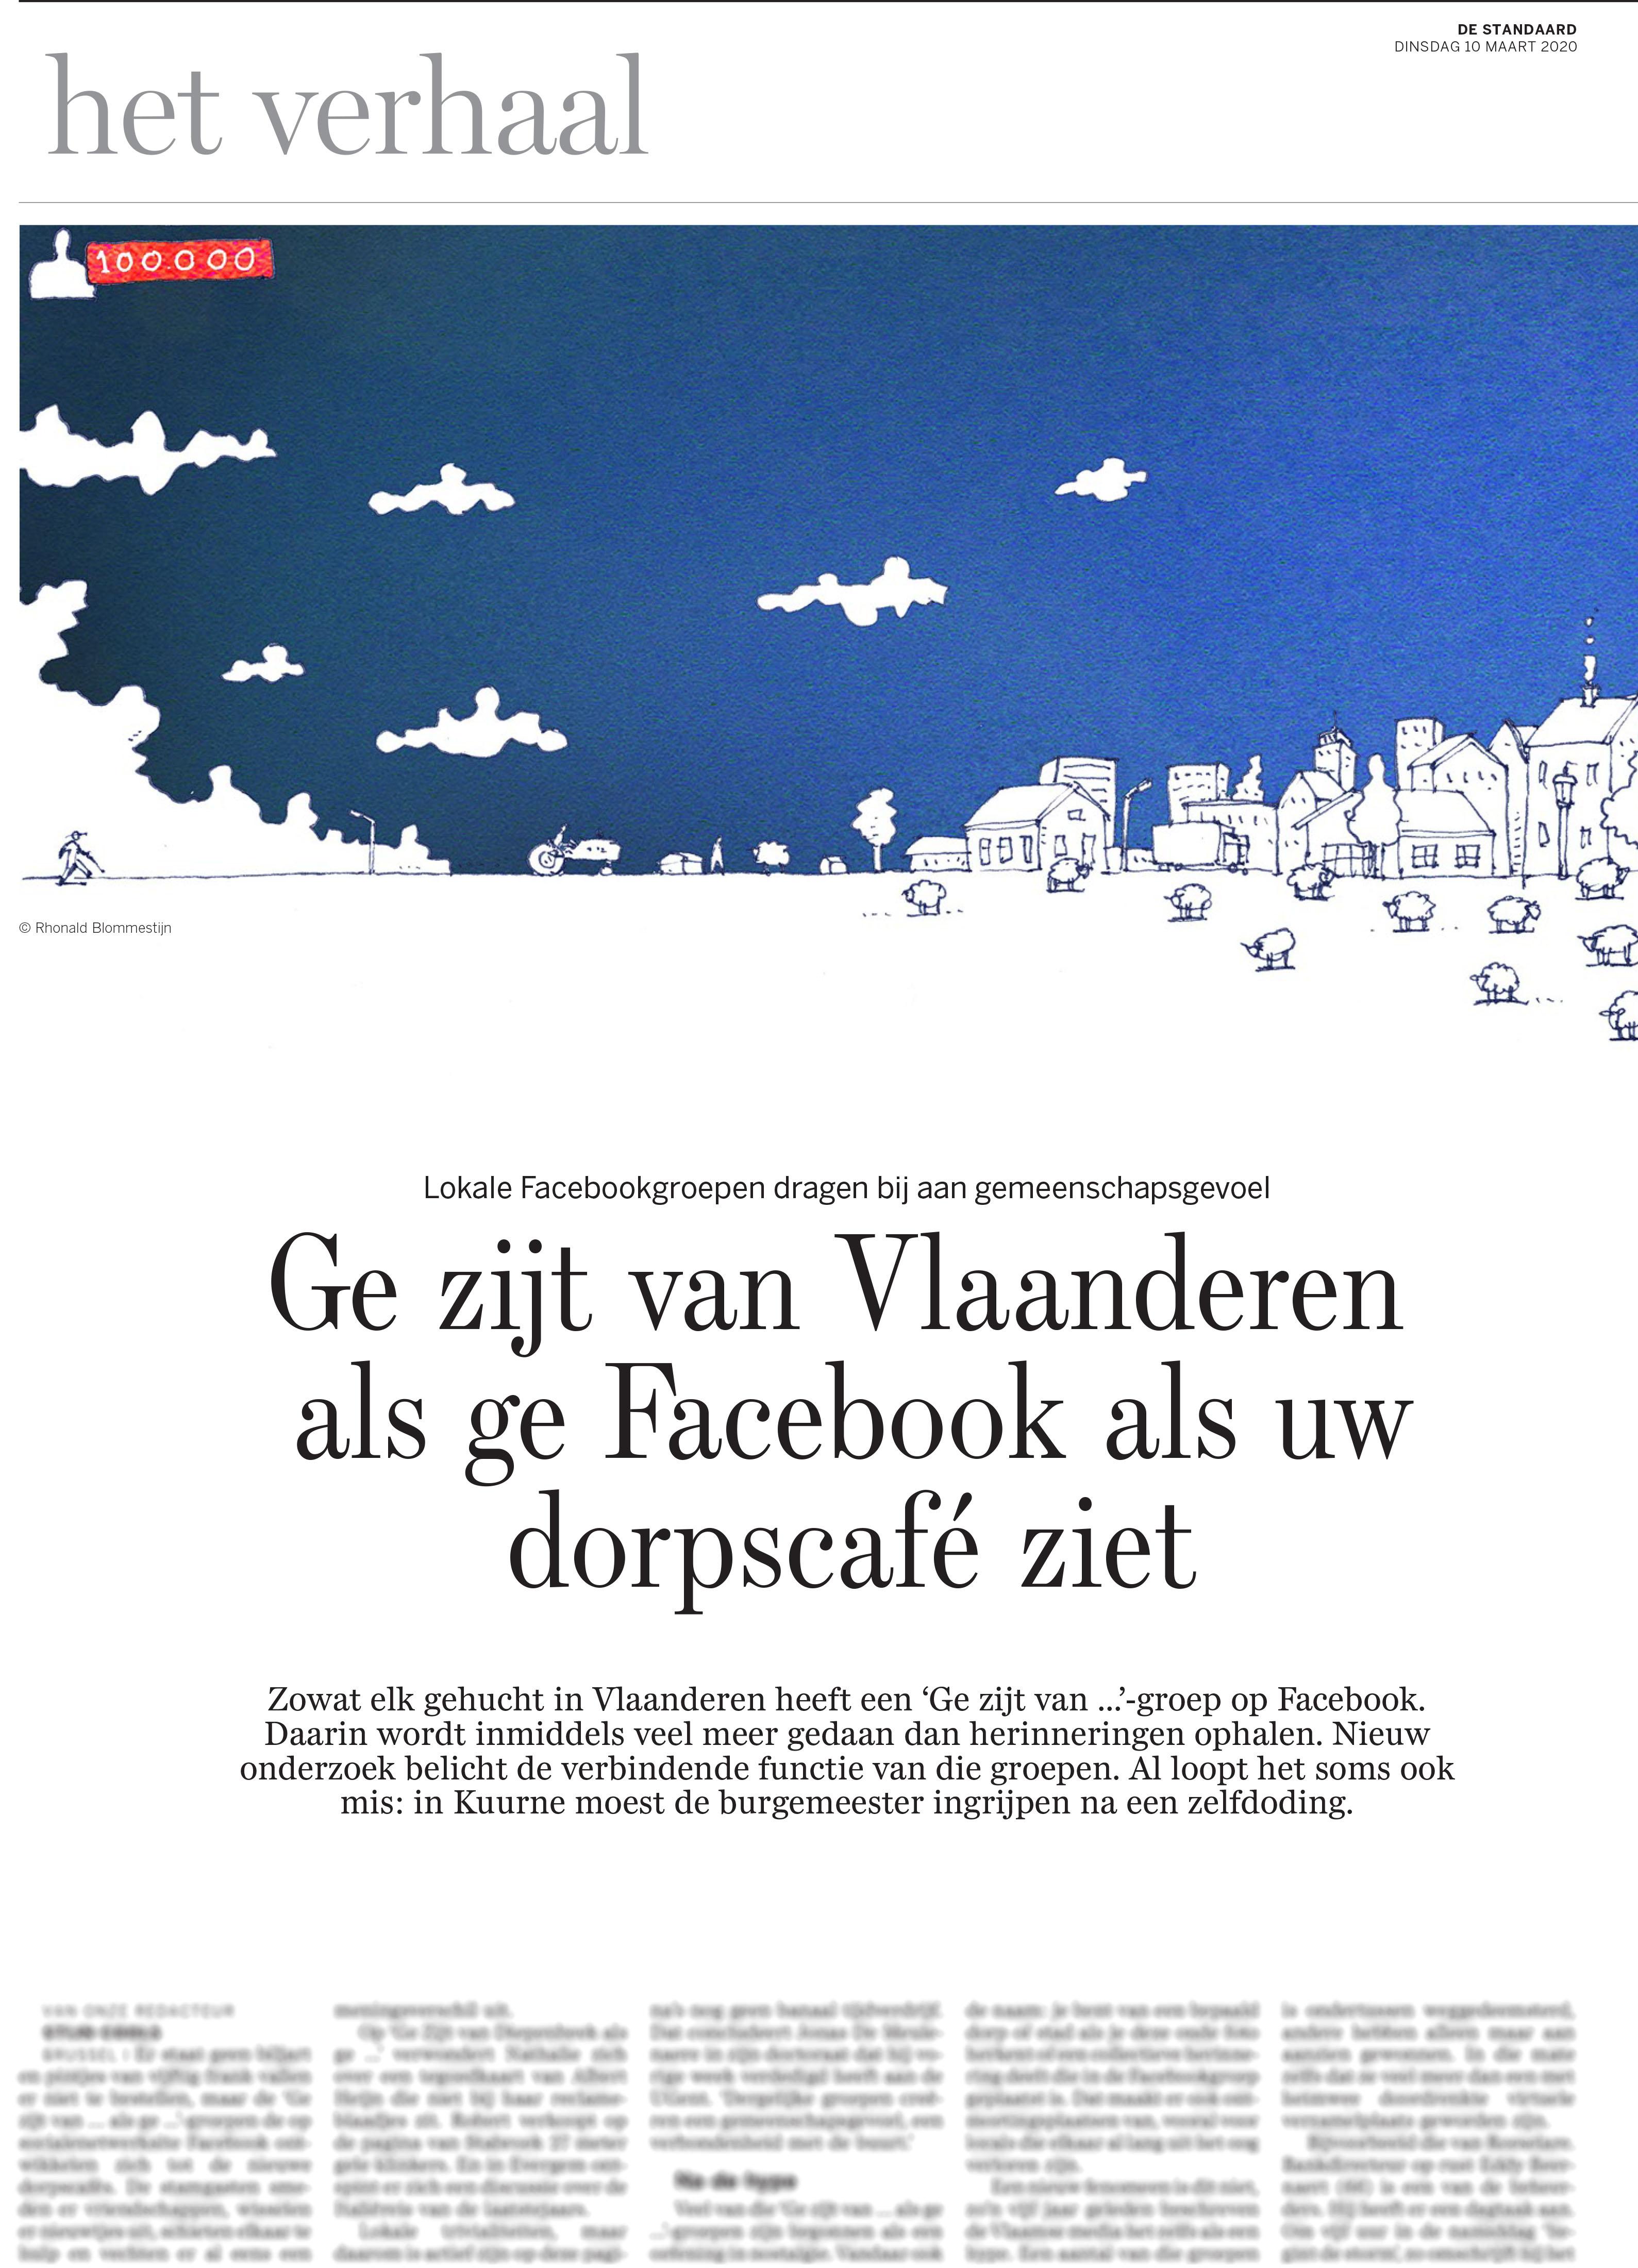 BRON: De Standaard, 10/03/2020, p 14